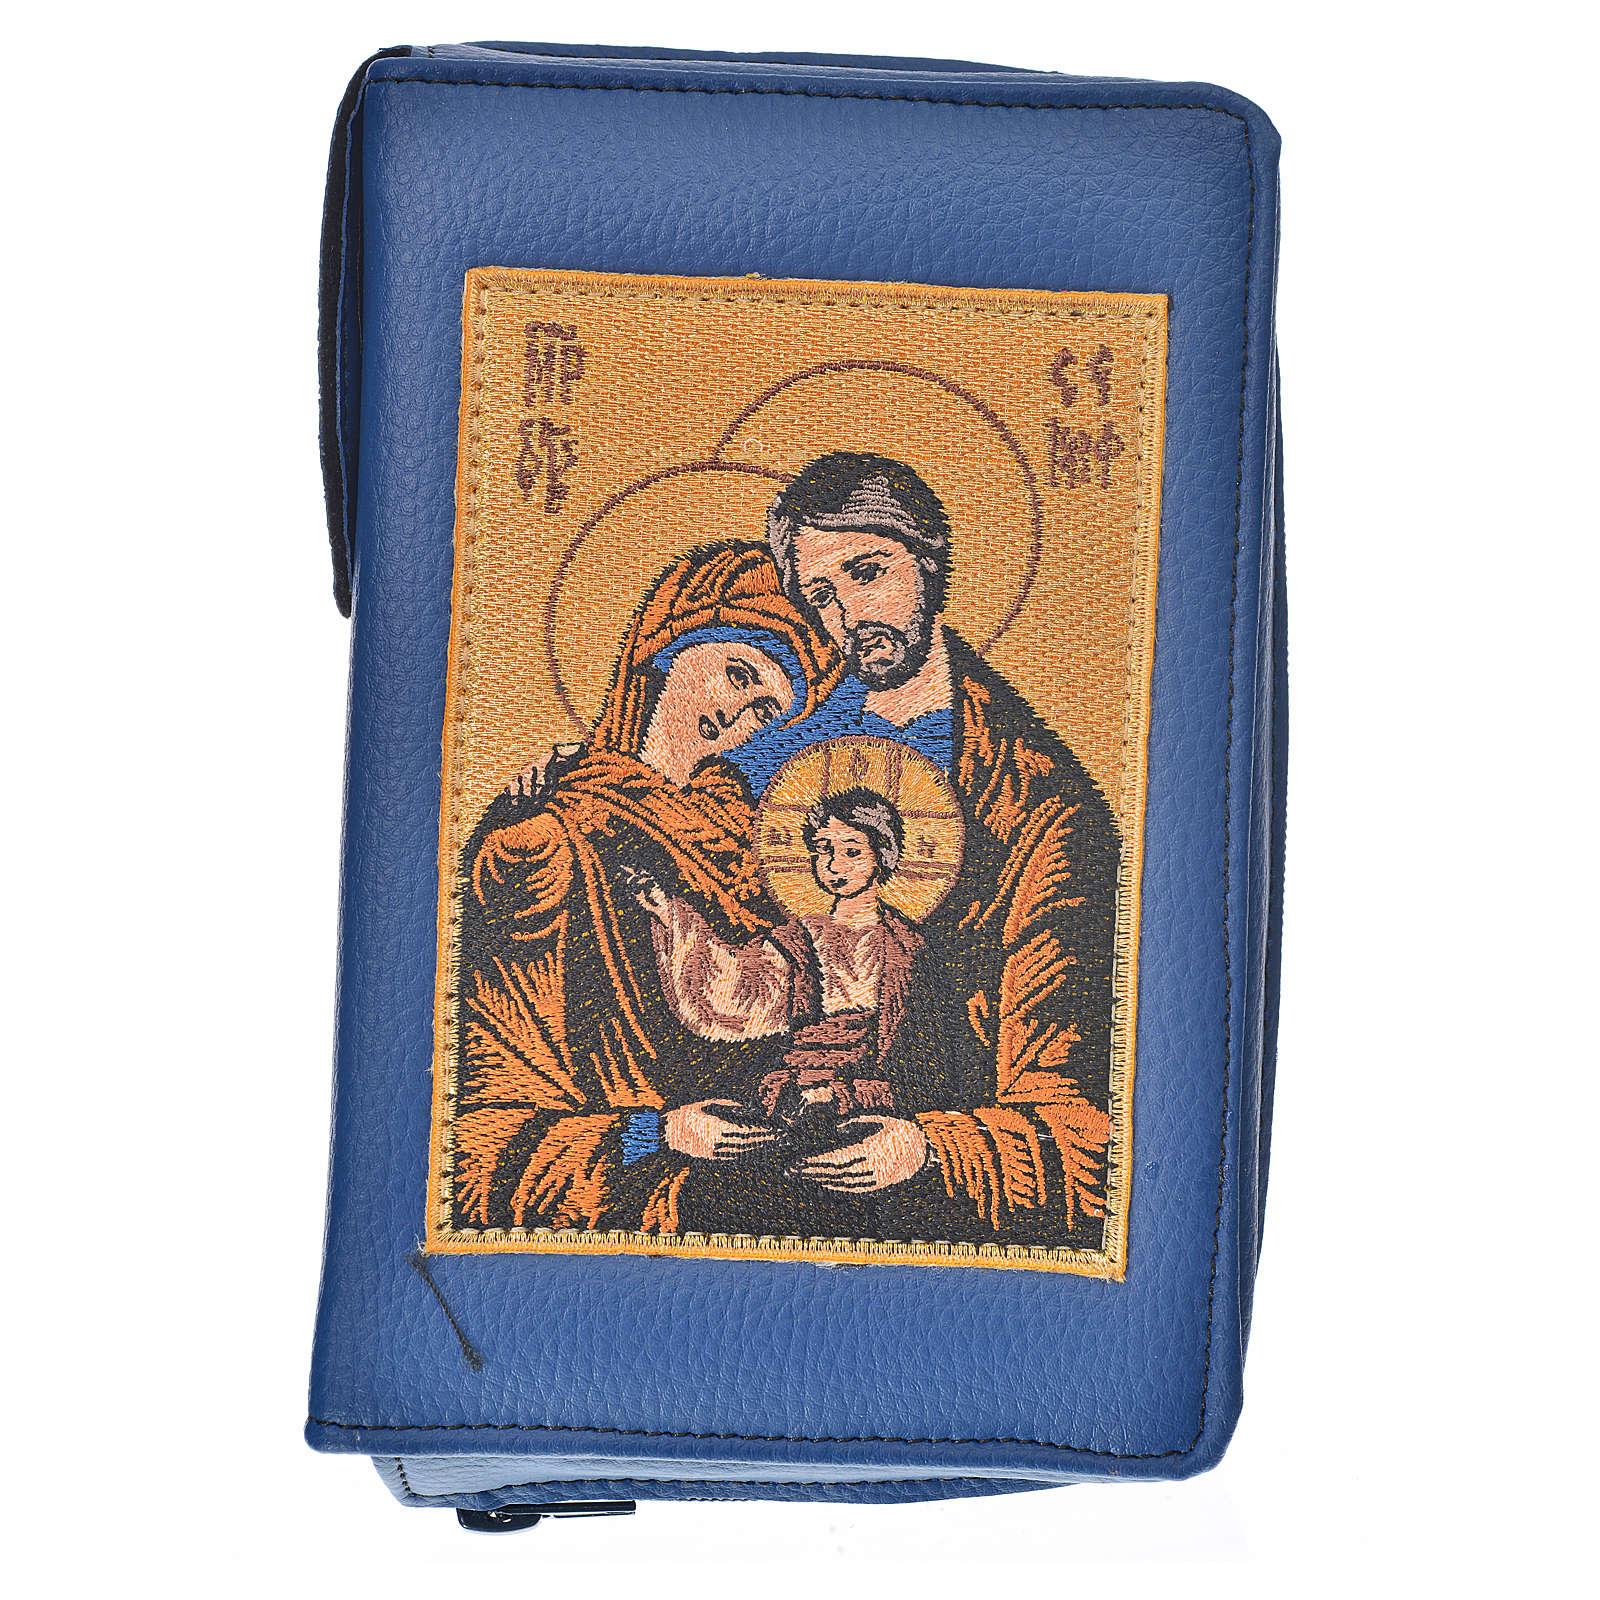 Funda Biblia Jerusalén Nueva Edición azul s. cuero Sagrada Famil 4